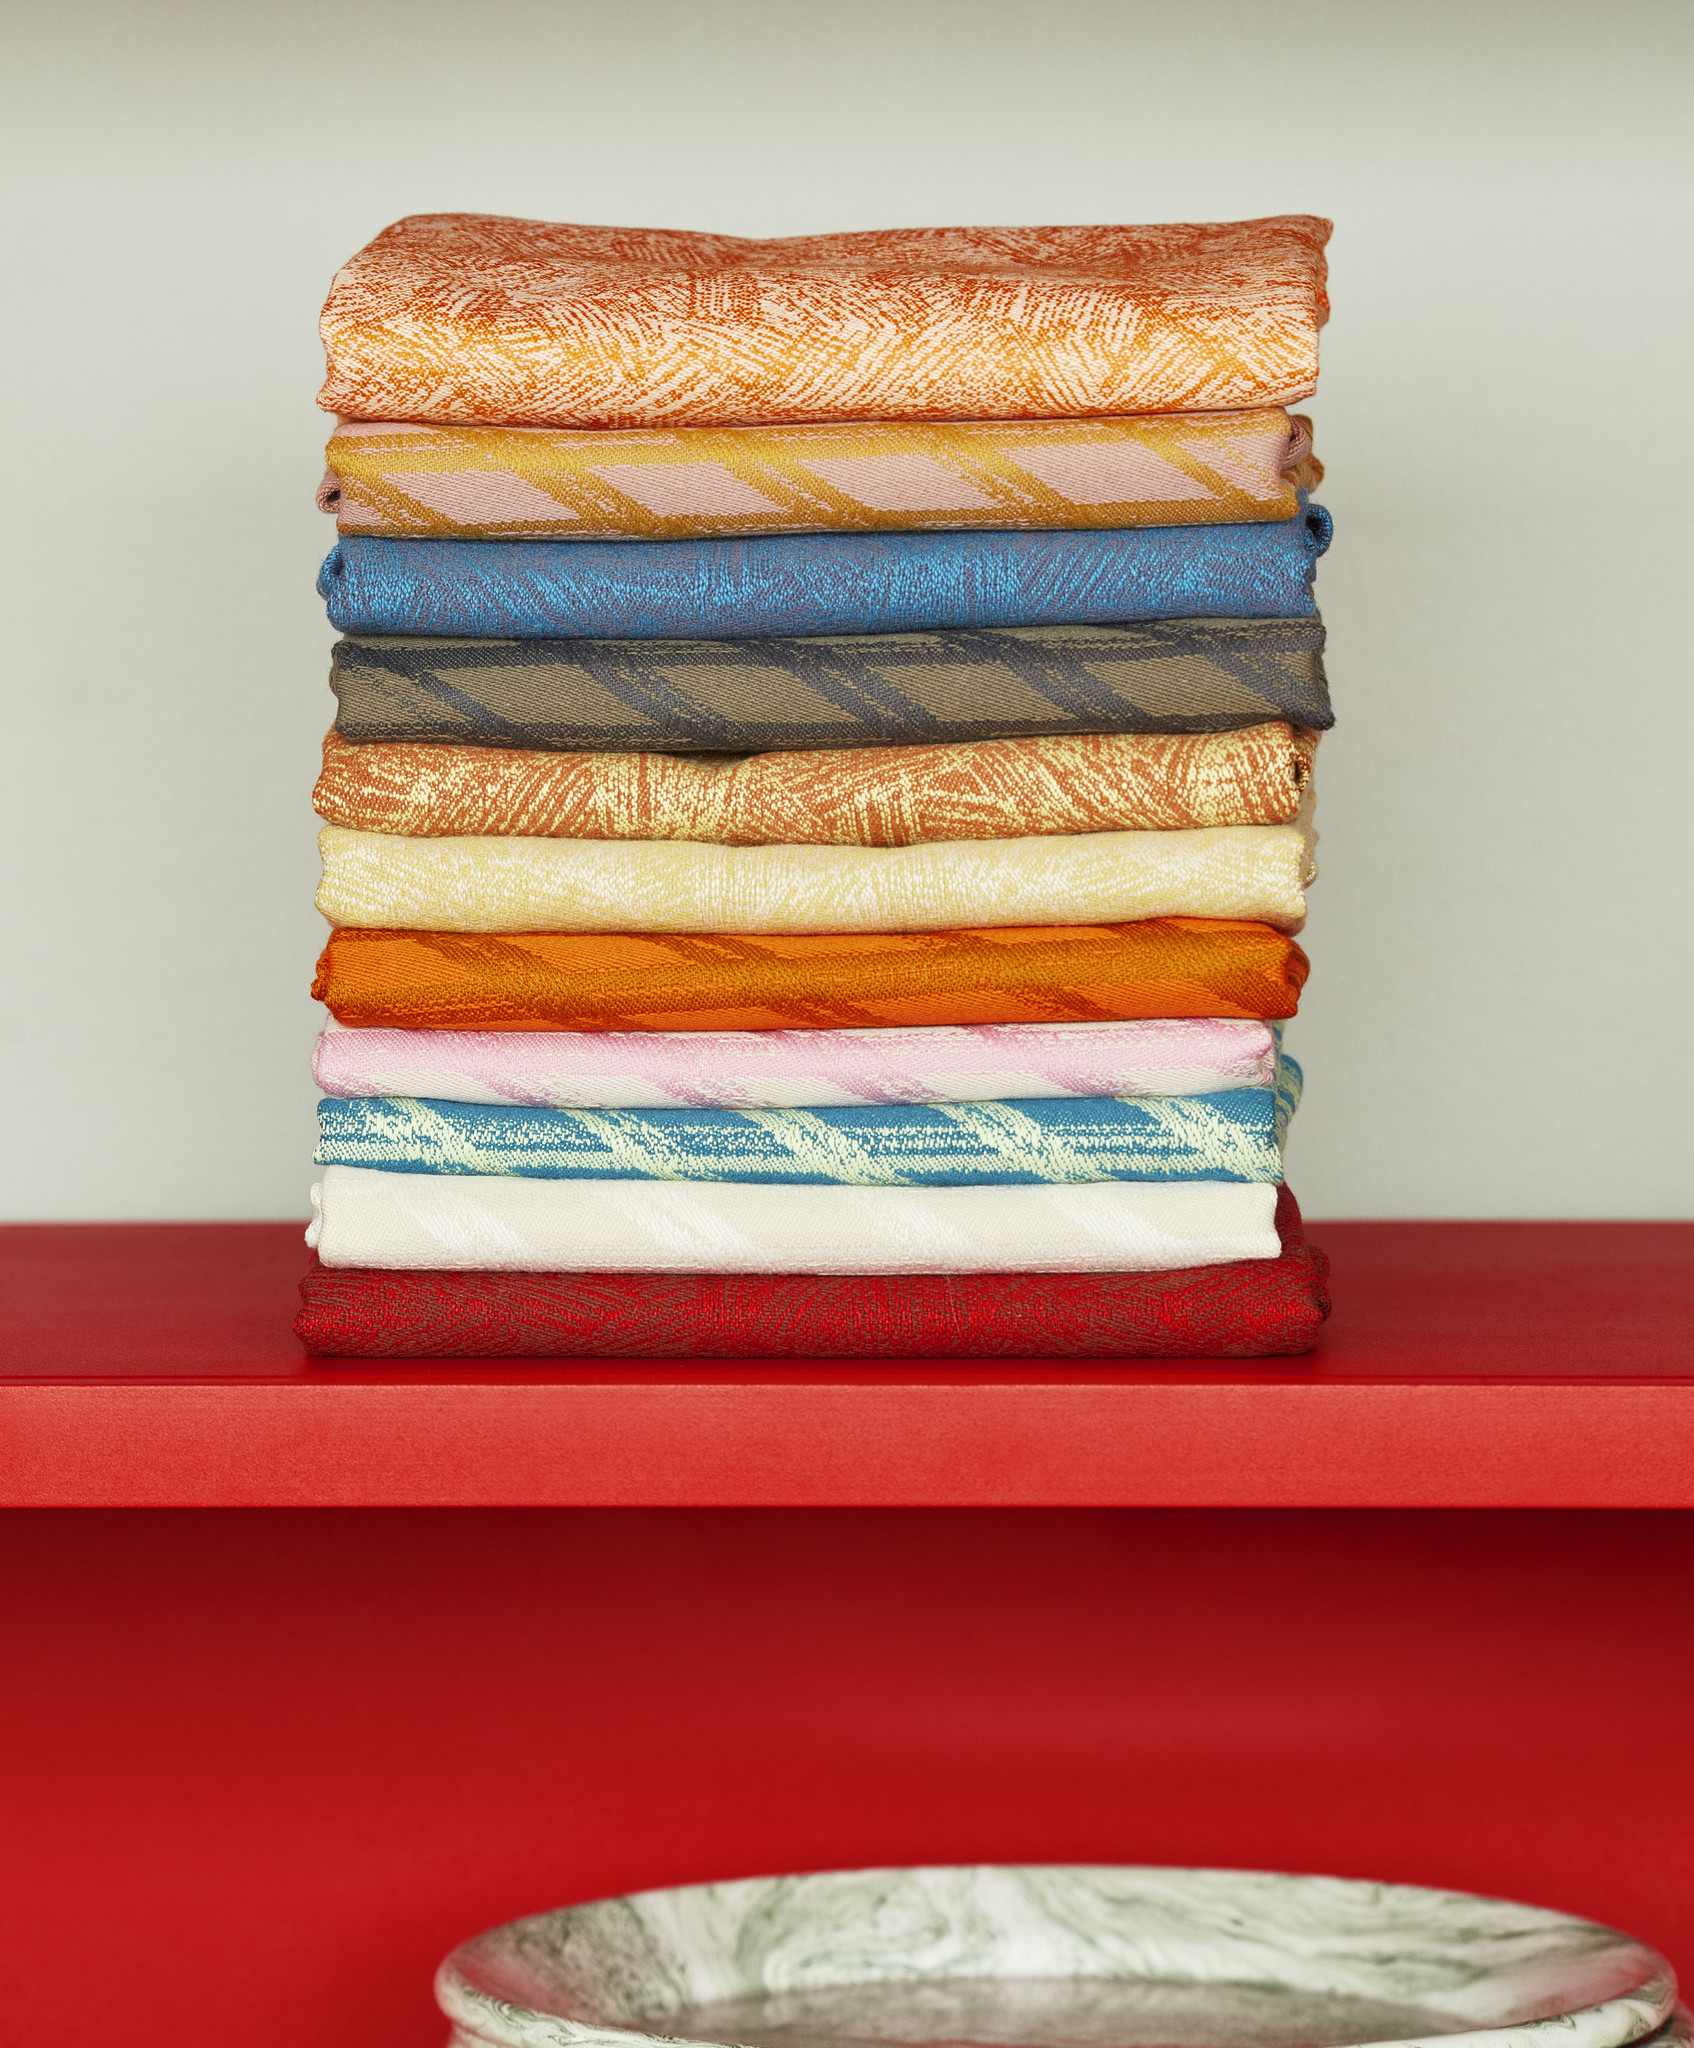 Tea towel S&B 2 Pcs.-3